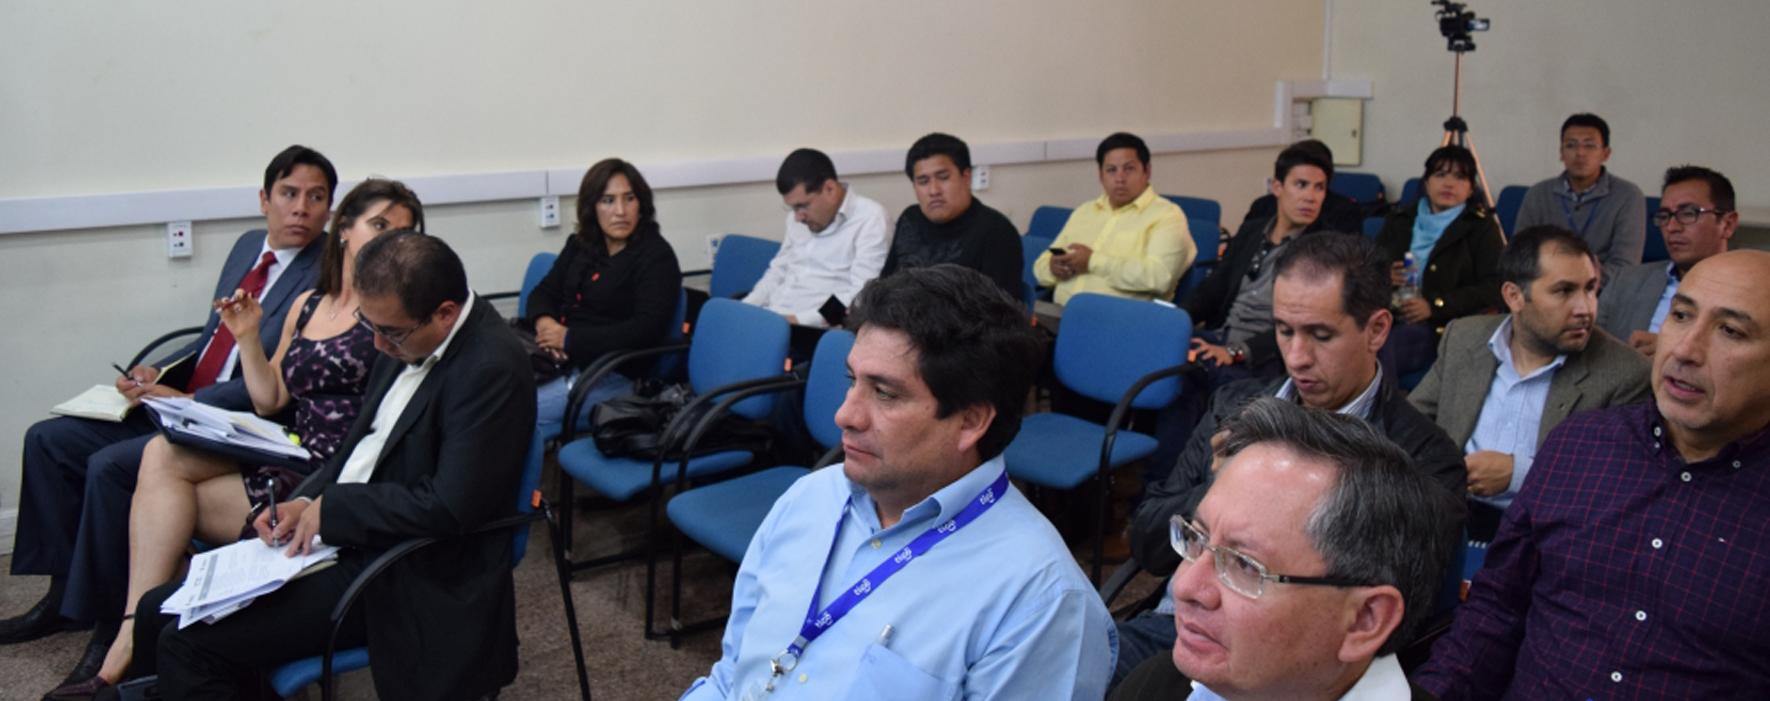 Reunión de Aclaración - Empresas Interesadas